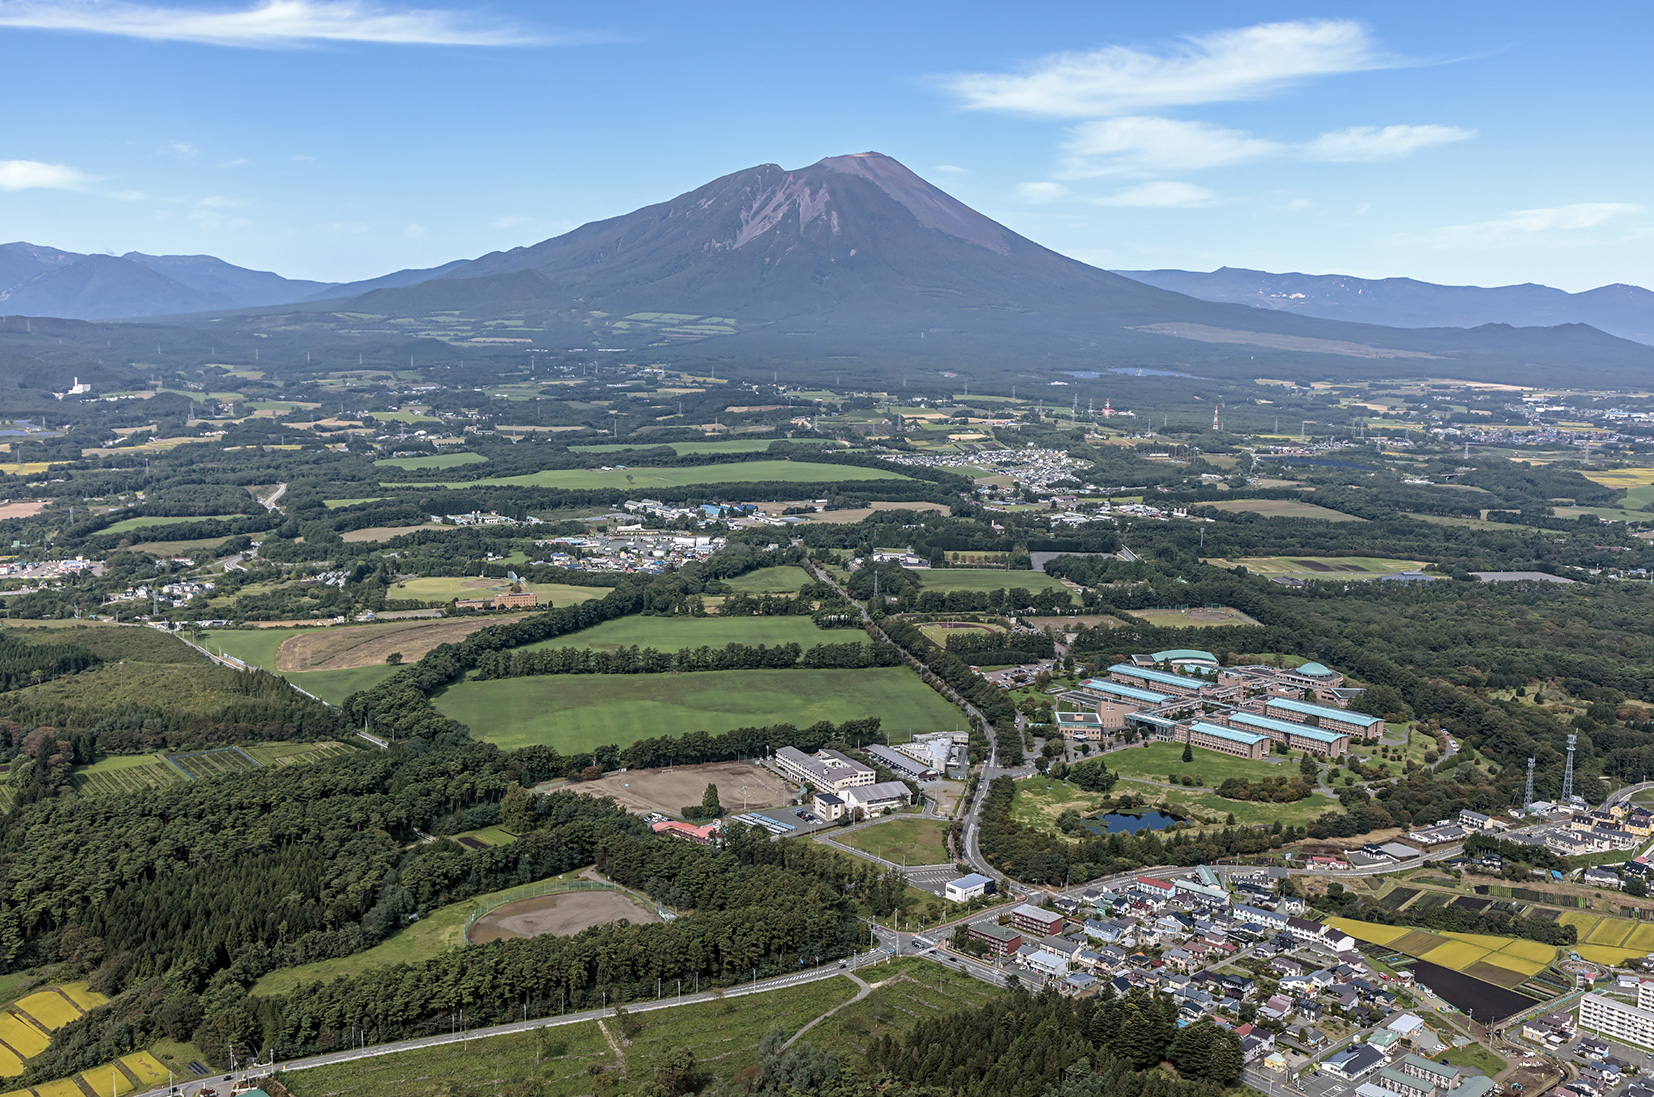 俯瞰写真(岩手県立大学・パーク・岩手山)